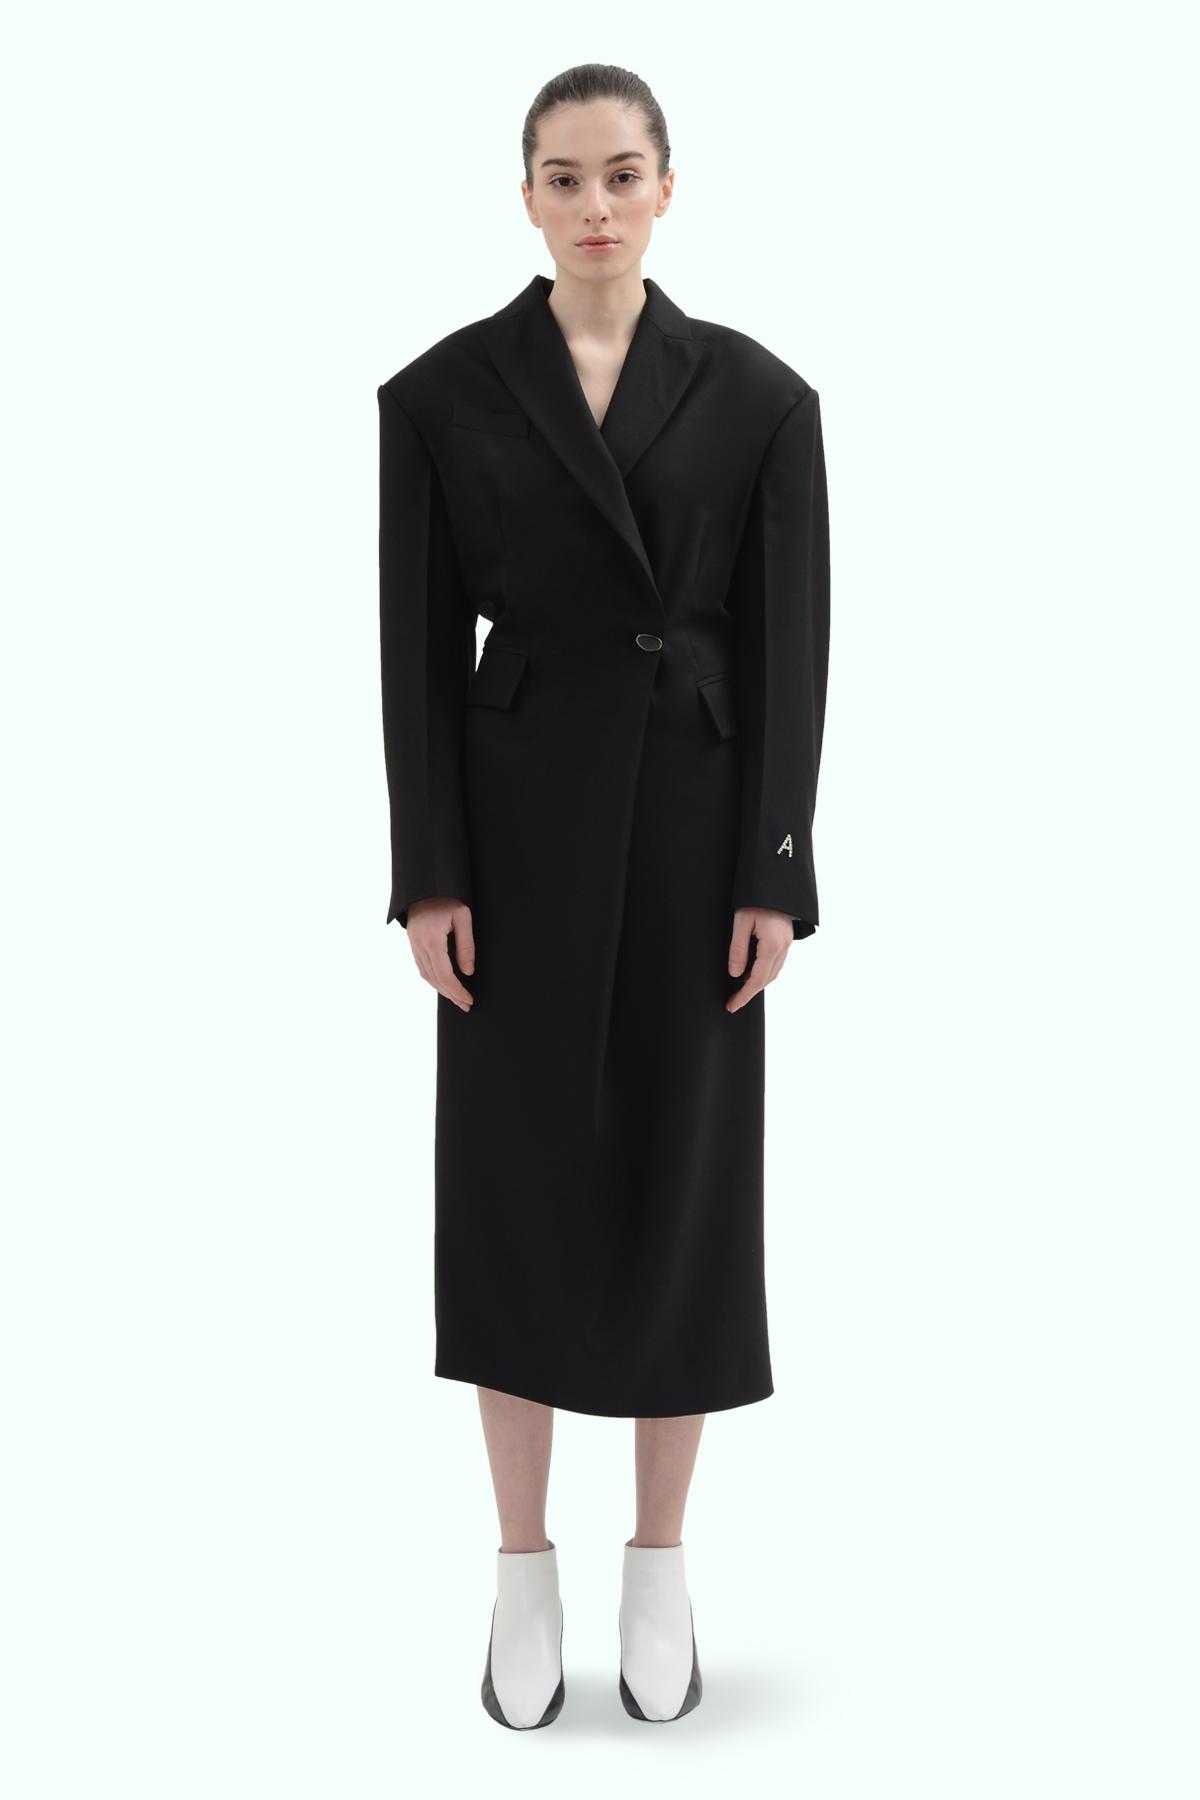 Black wool blazer double brest dress 2